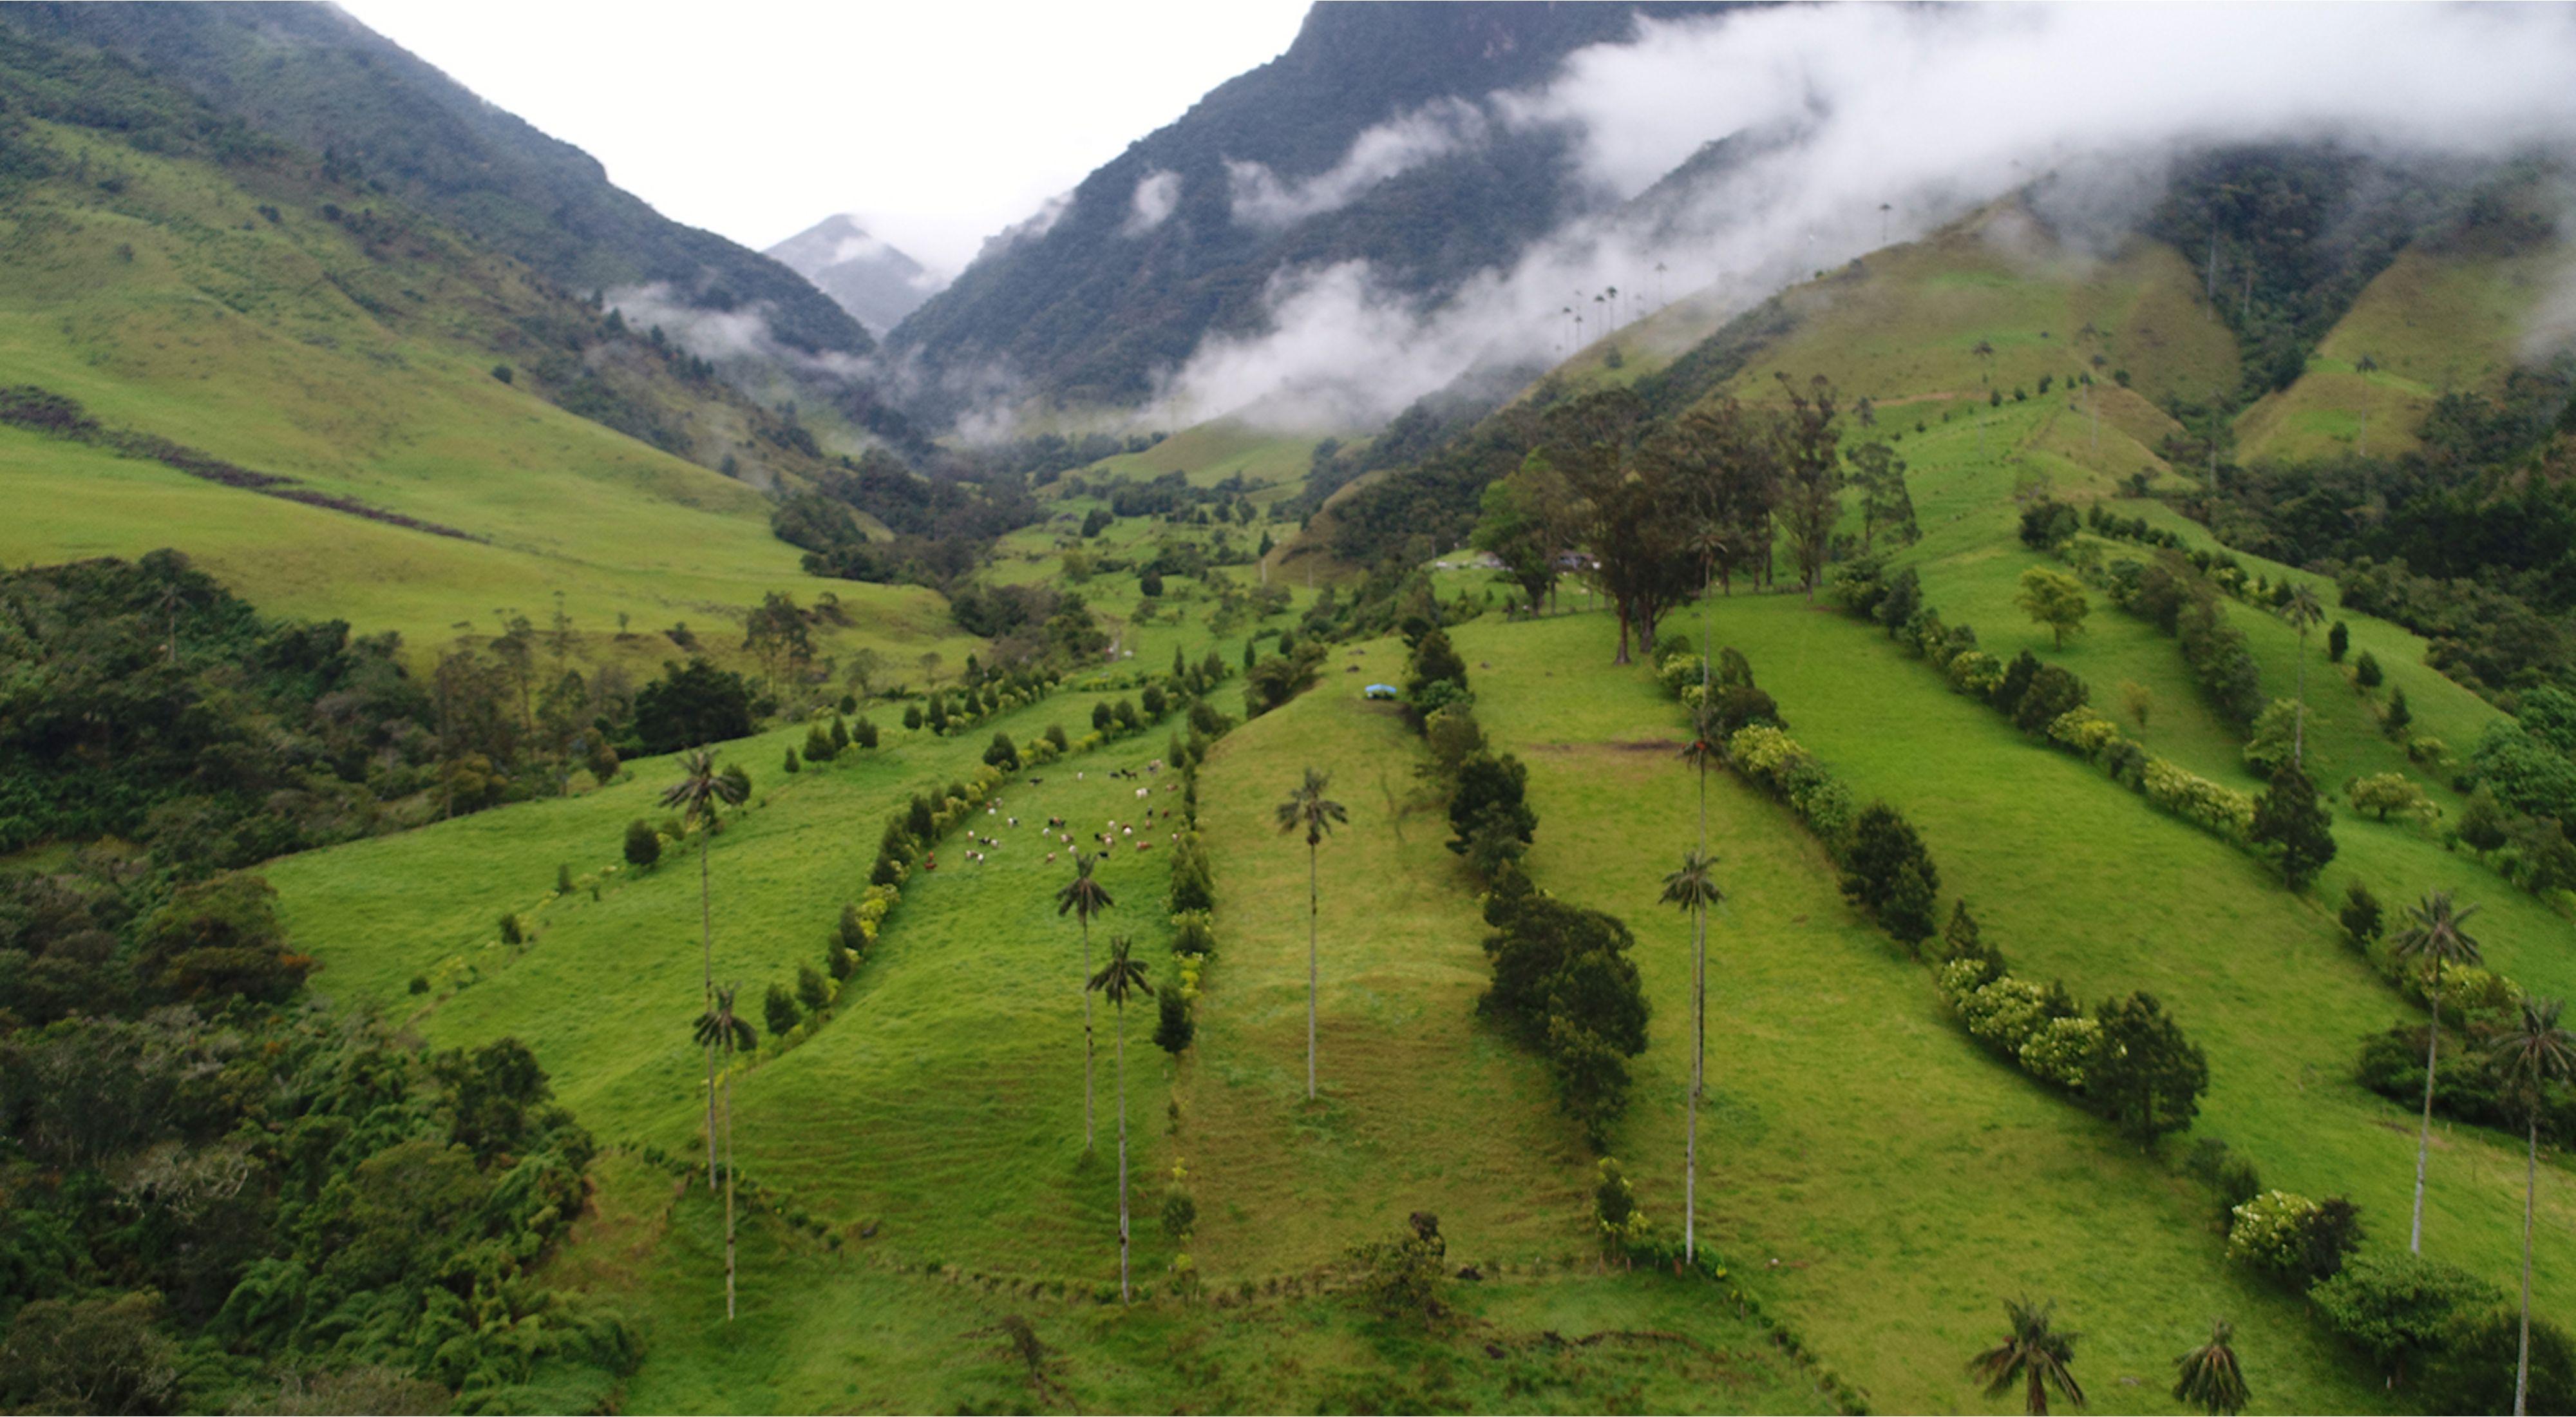 Este predio ganadero en Quindío, Colombia, divide sus áreas con cercas vivas, planificando el suelo que aprovechará de manera responsable. Imagen de dron de monitoreo.